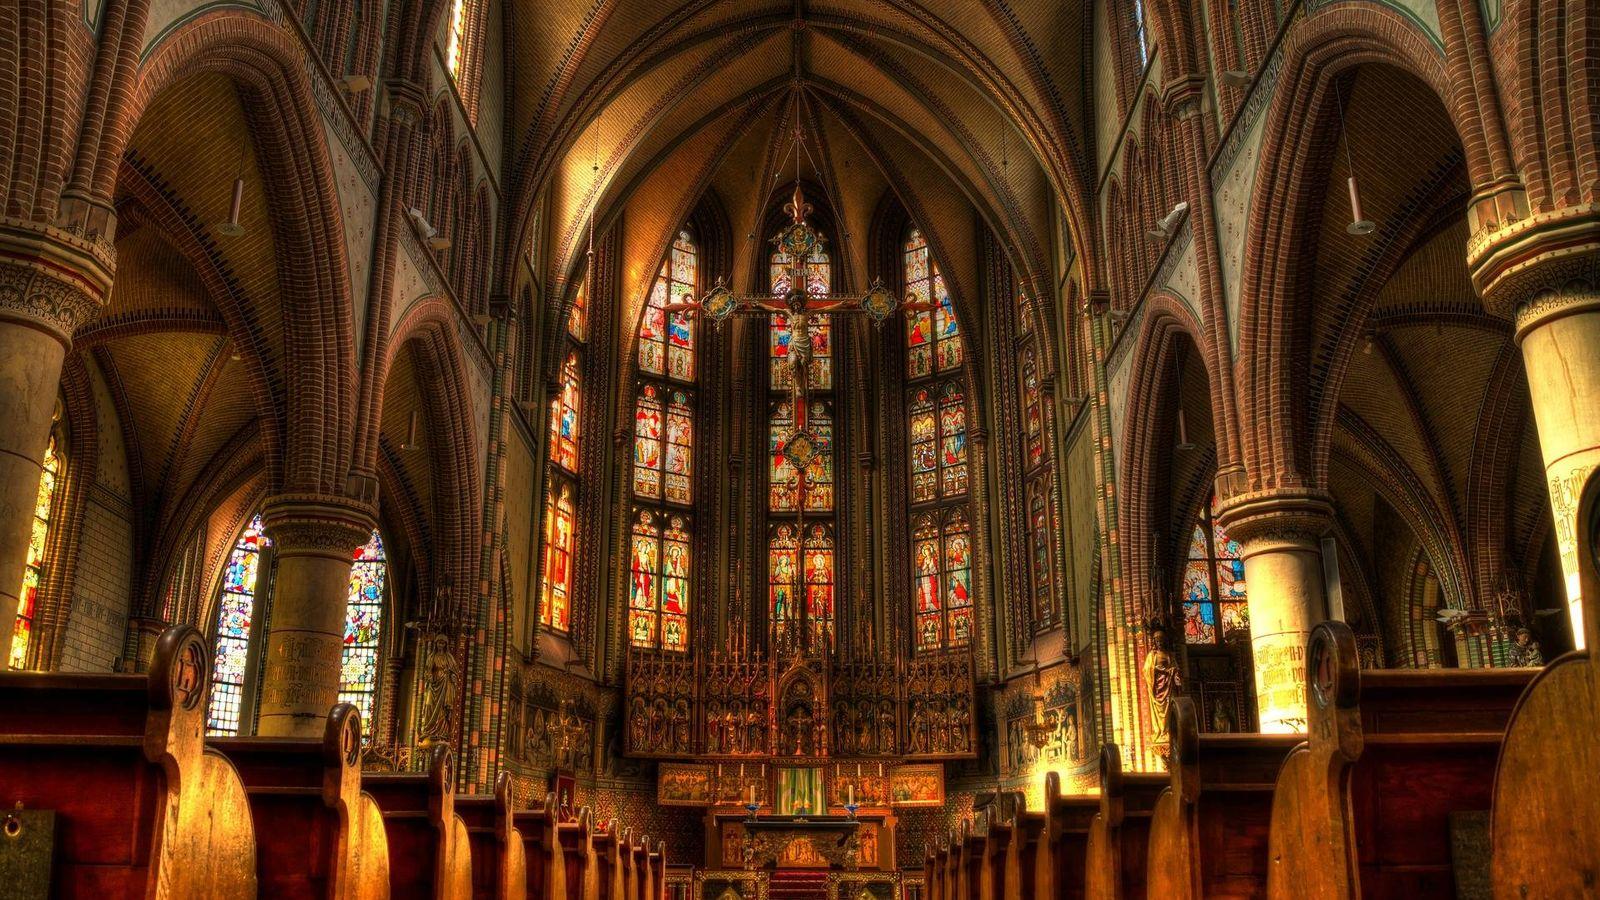 Foto: La Iglesia recuerda en el santoral a Santa María Goretti este 6 de julio (Pixabay)